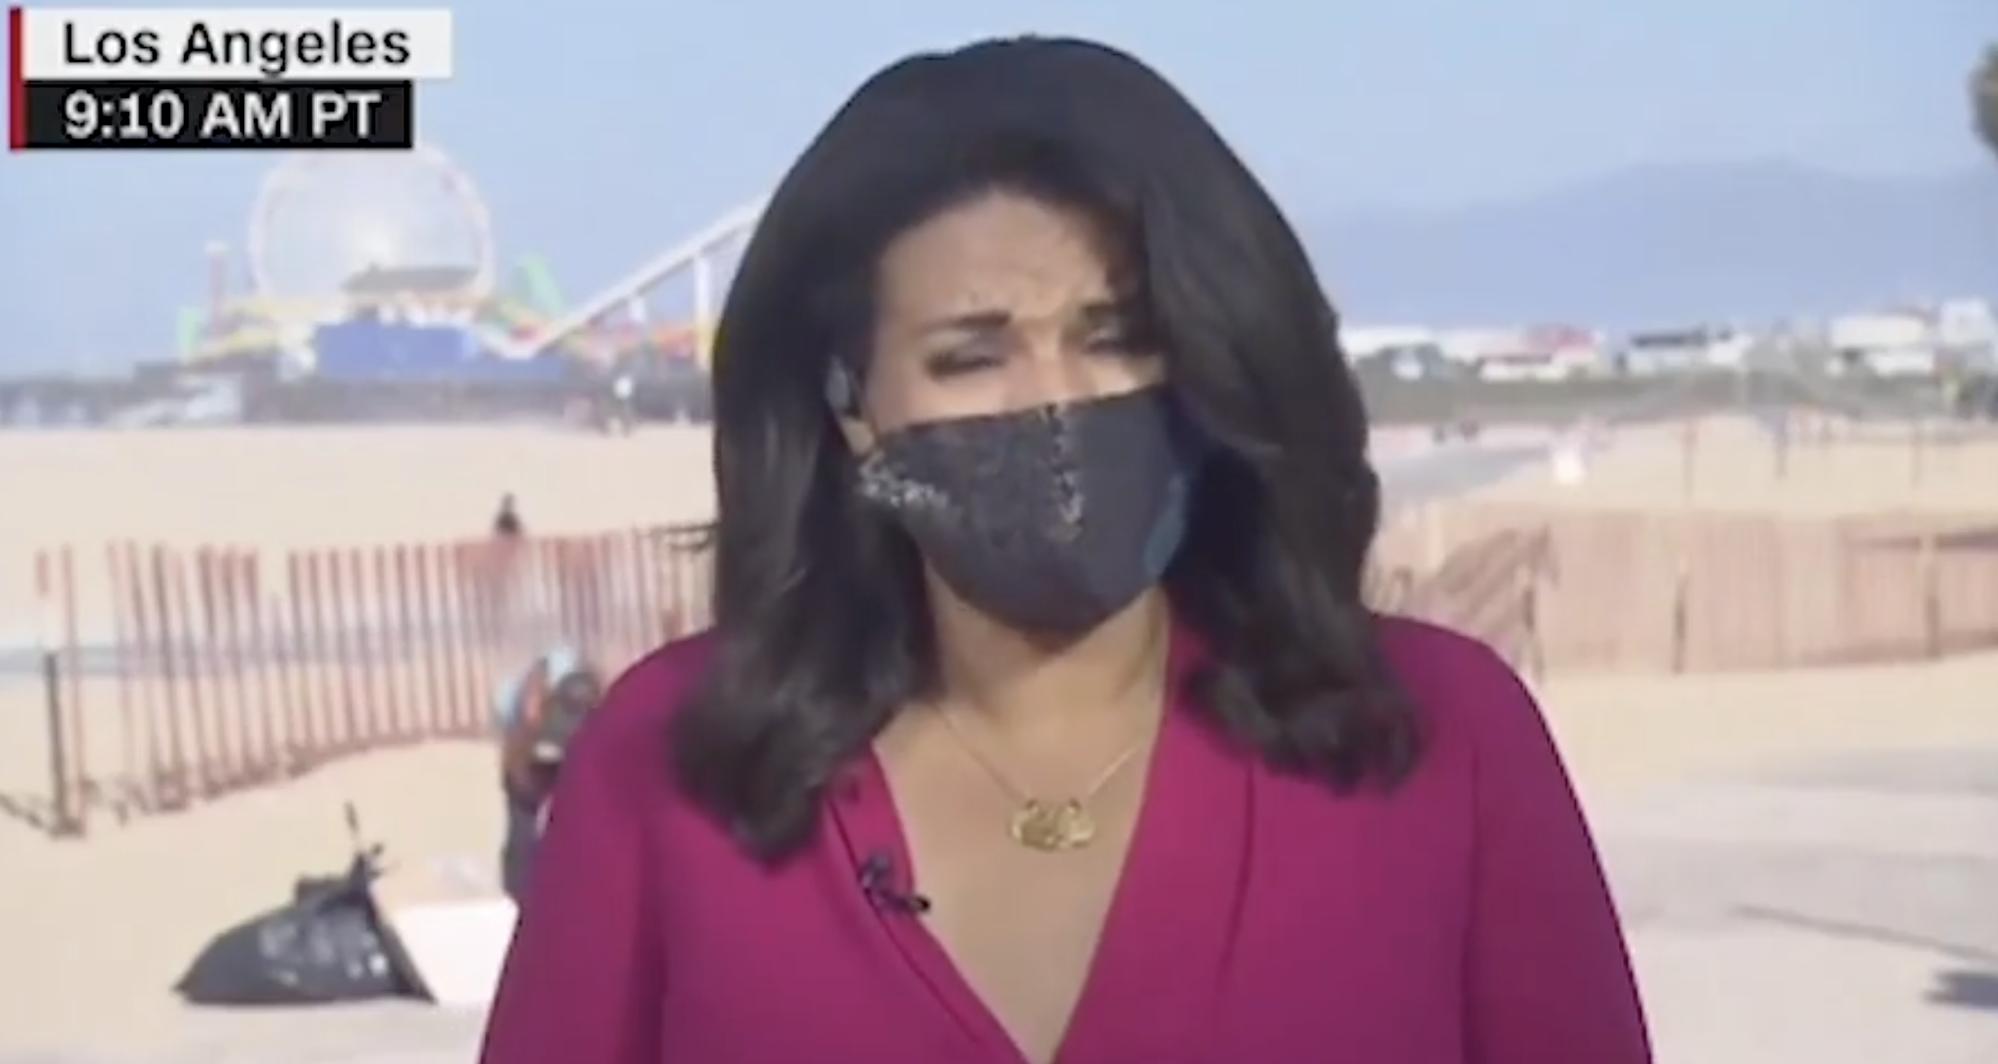 canyon-news.com - Santa Monica Woman Defecates During Live CNN Broadcast